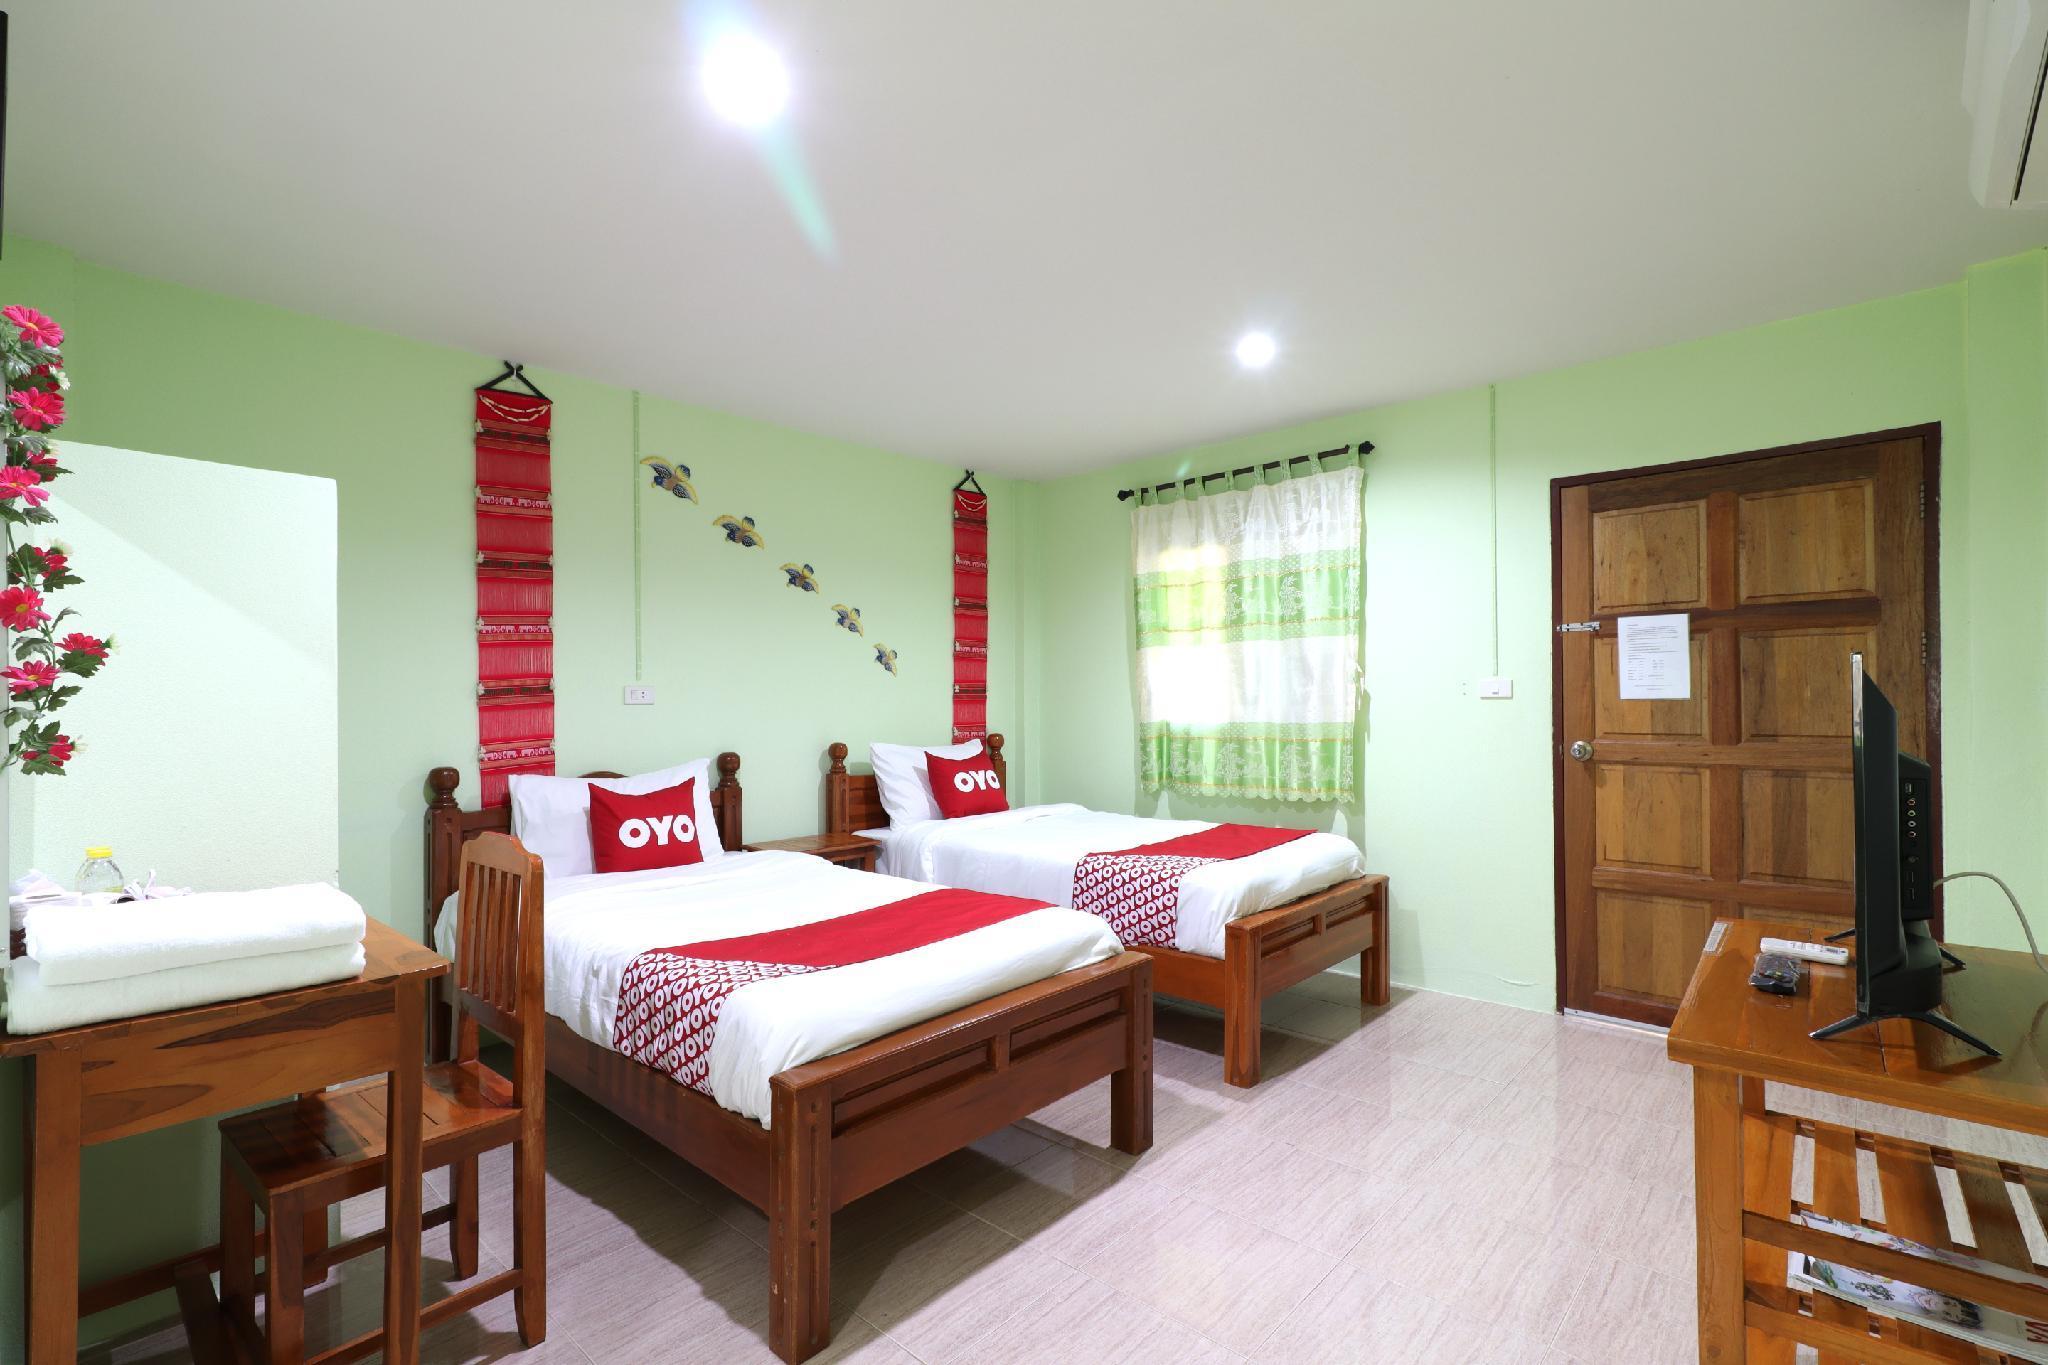 OYO 494 Tantawan Resort